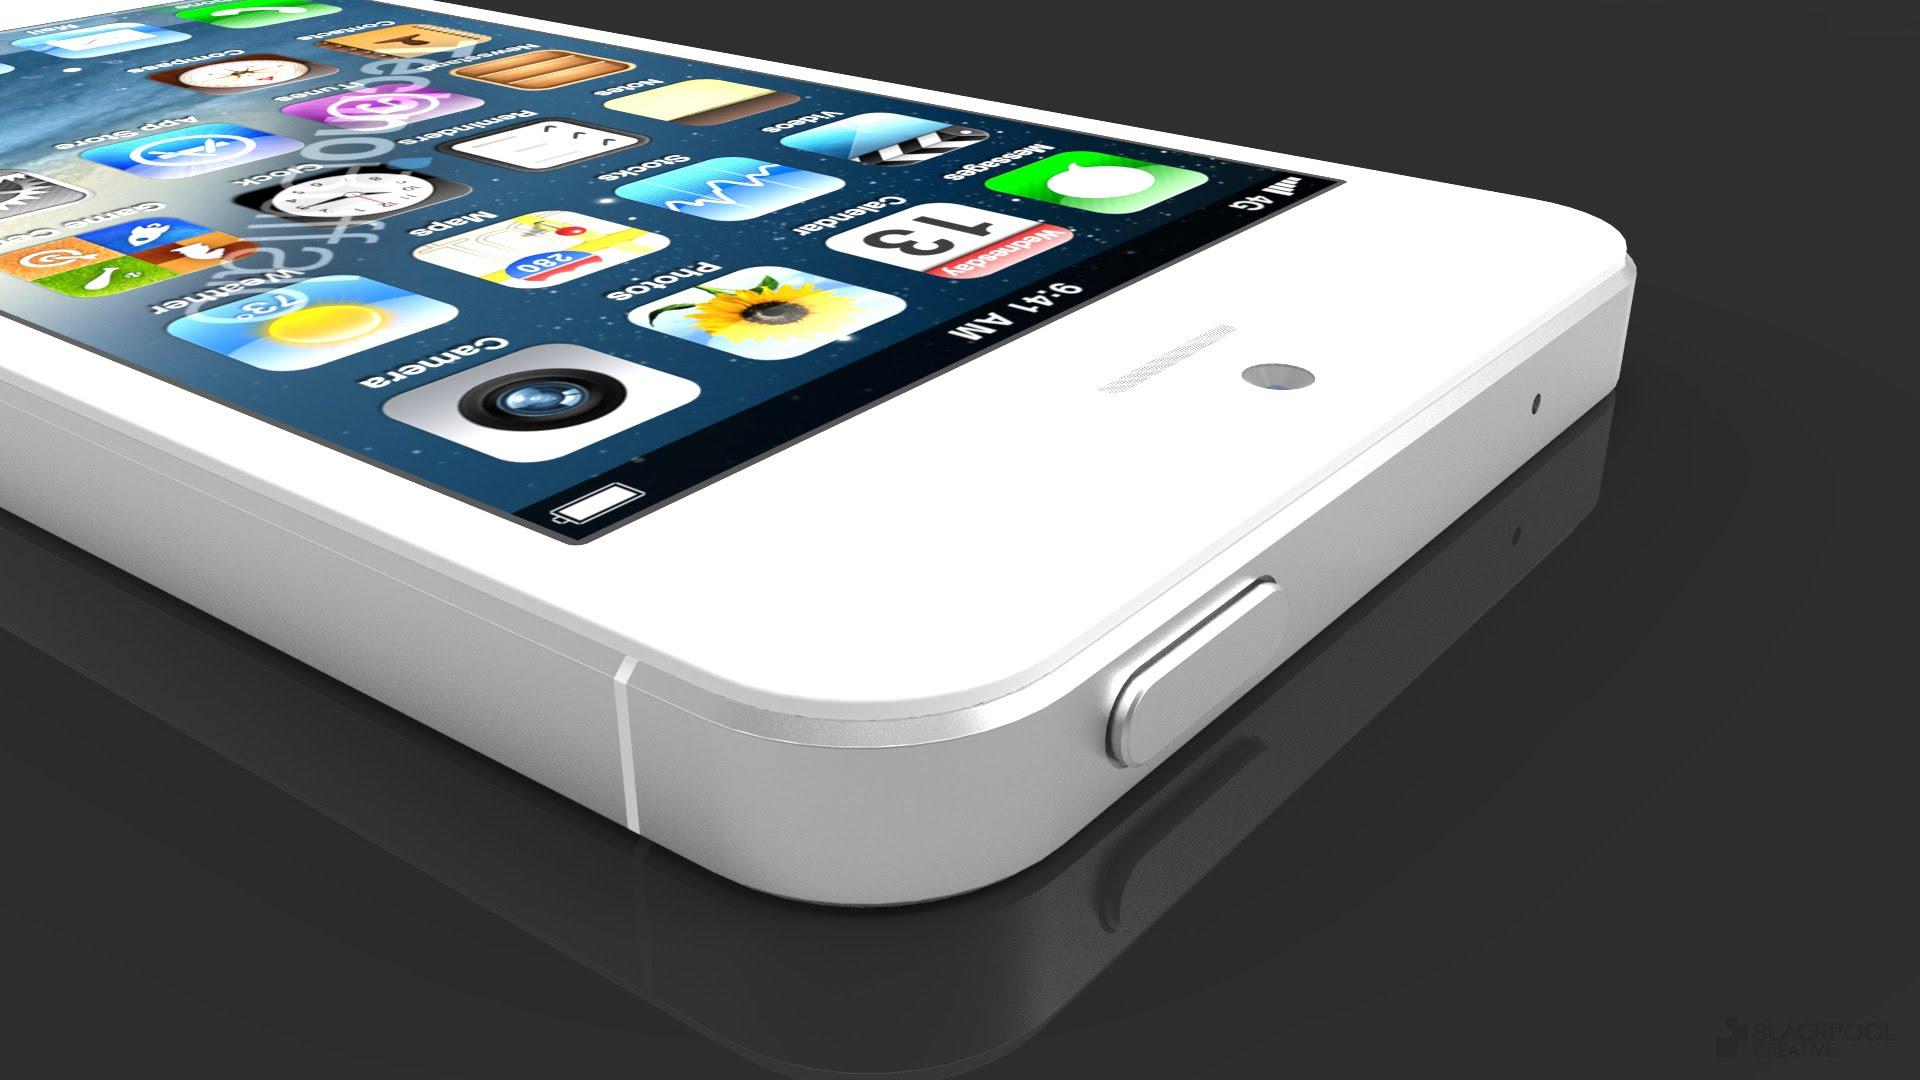 iPhone 5S Gerüchte: Fingerabdruck Scanner und NFC